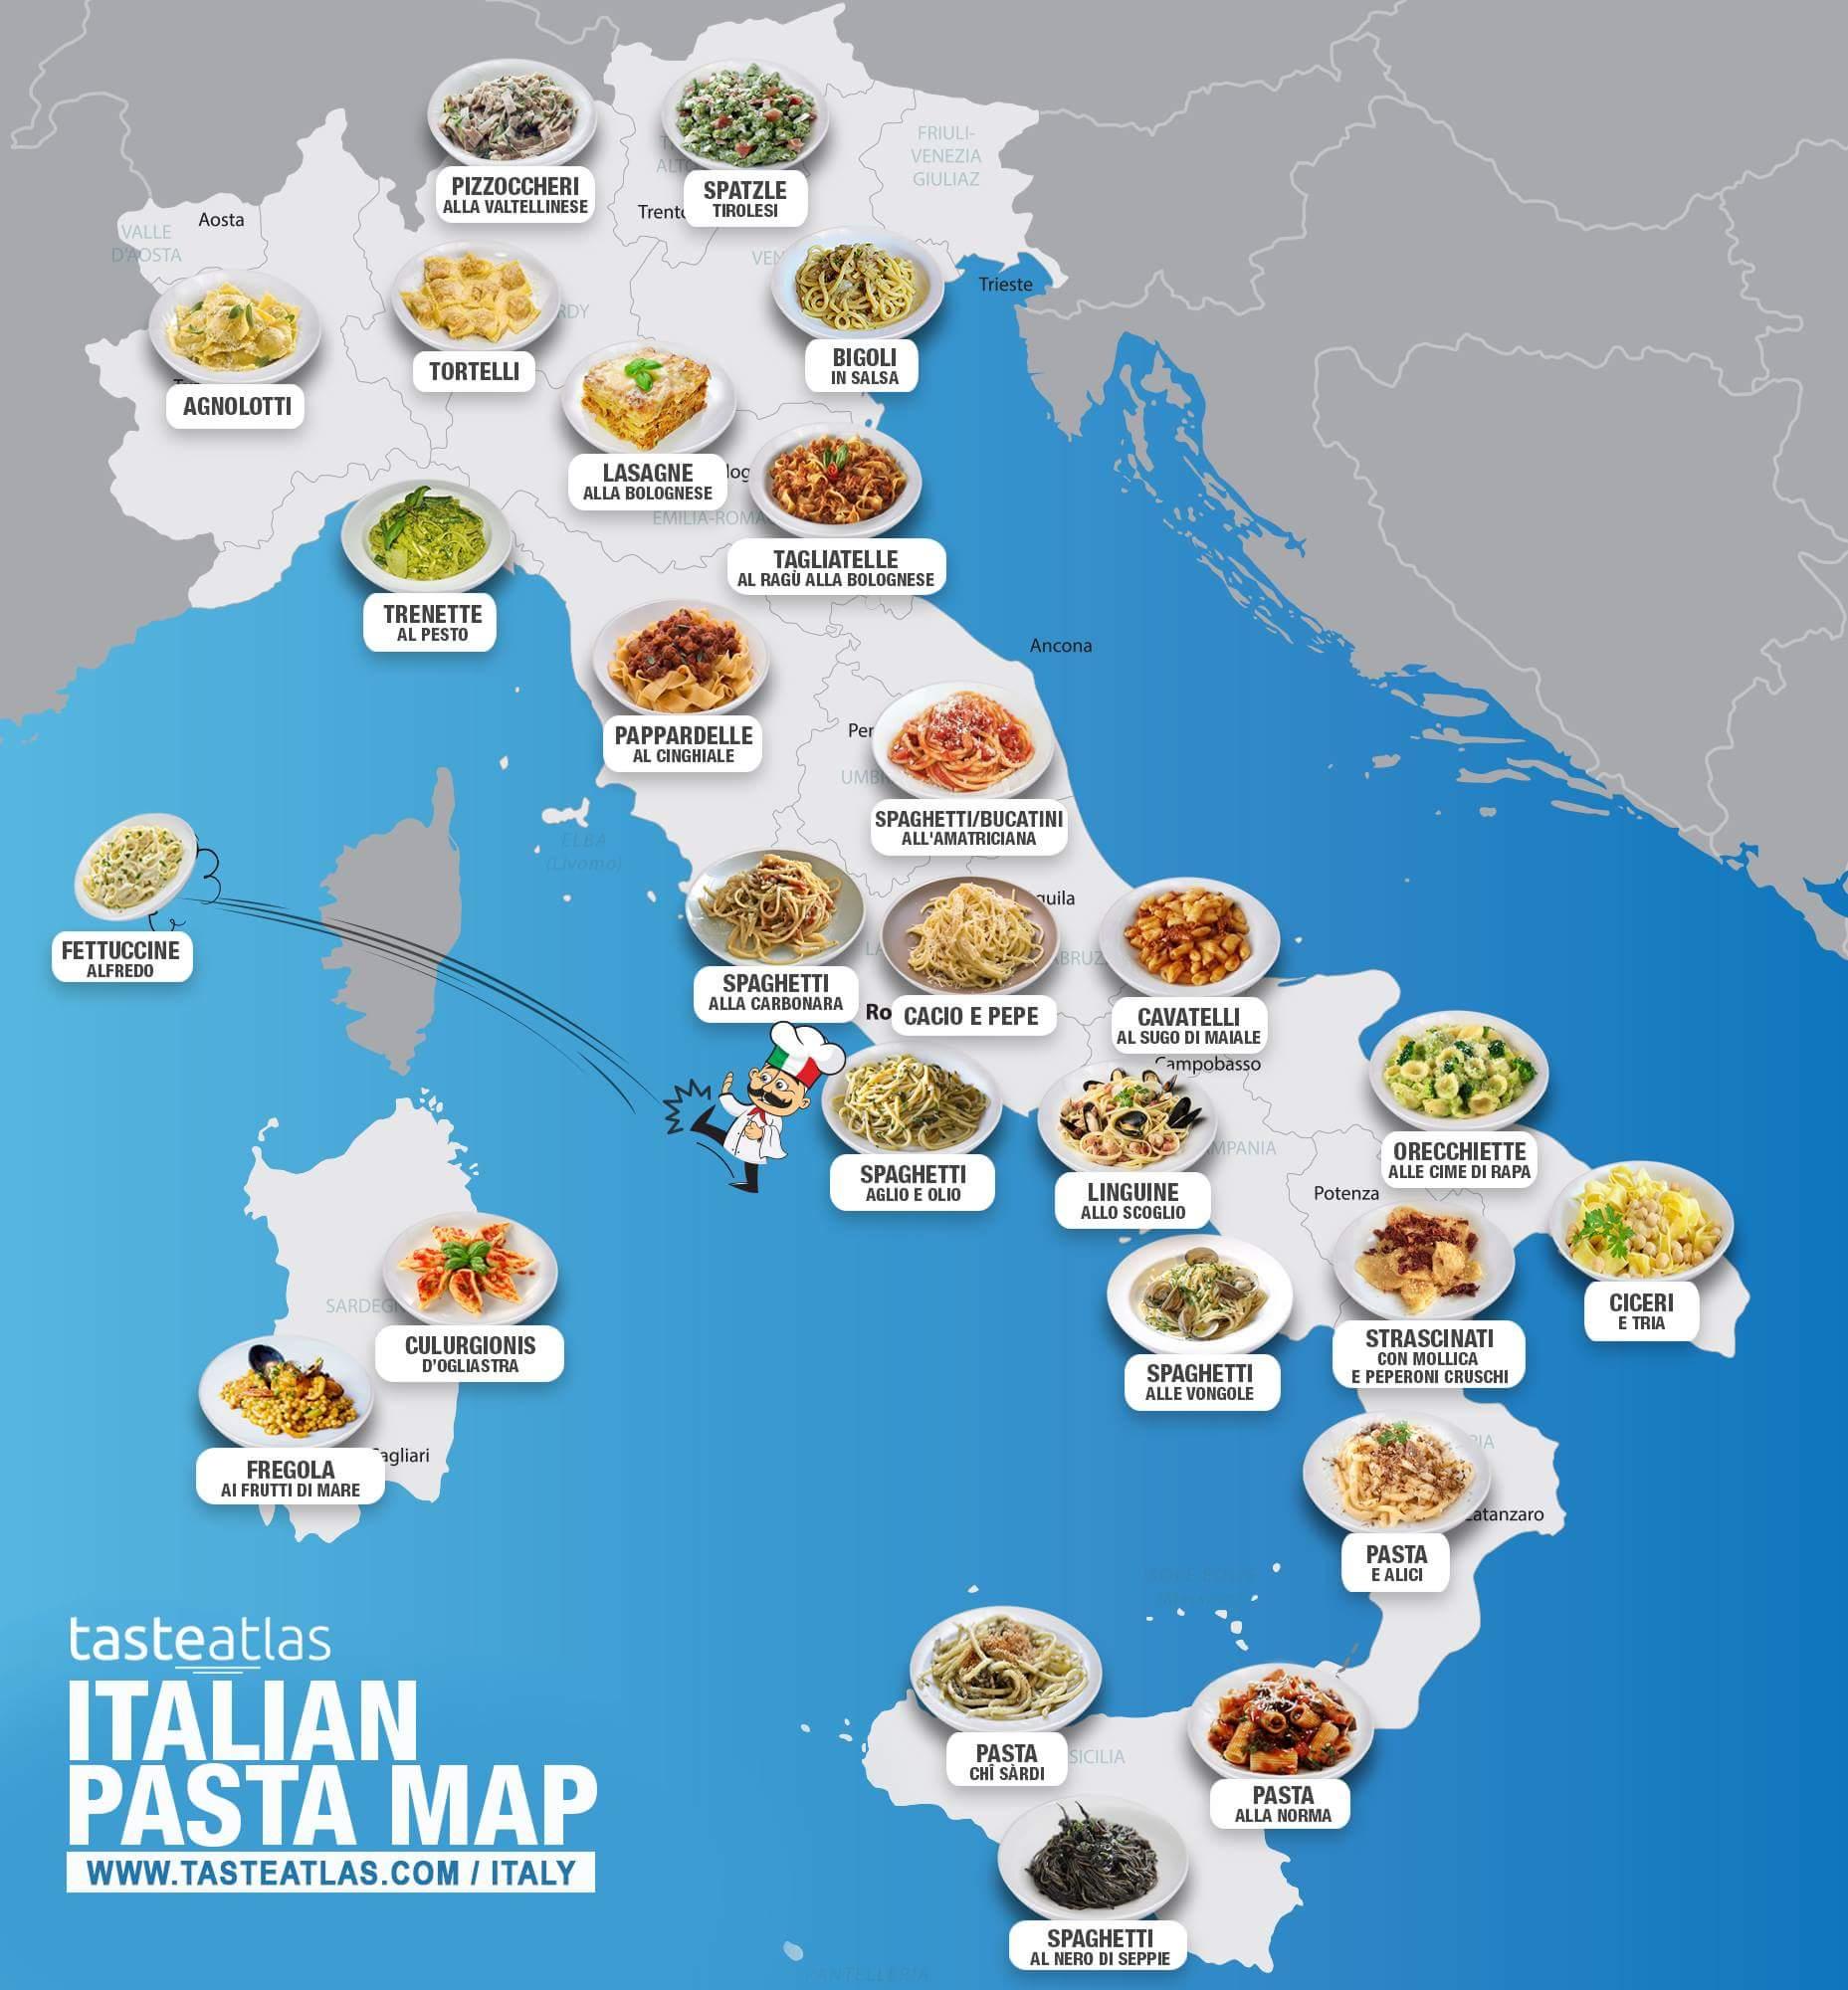 Italië: pasta specialiteiten per regio